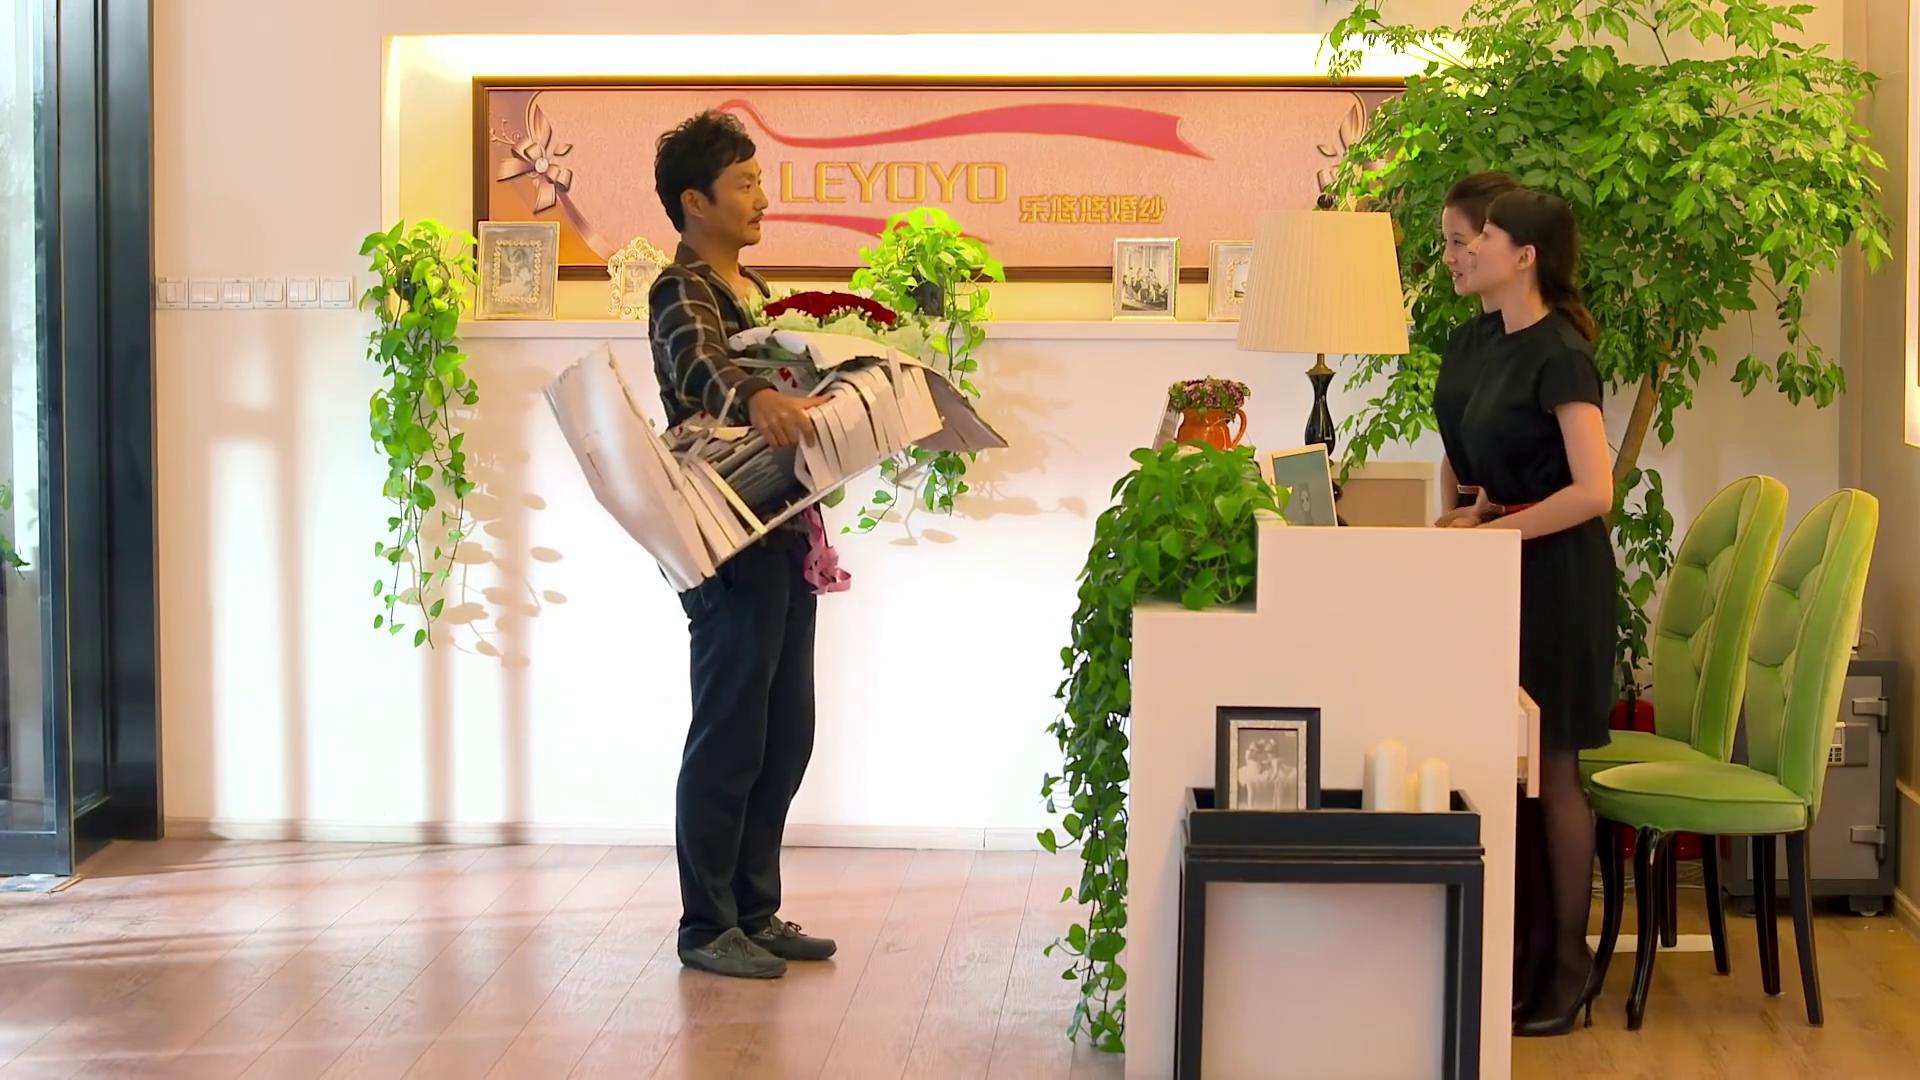 《咱们结婚吧》-第20集精彩看点 高建送花表感谢 杨桃闻后甚惊讶